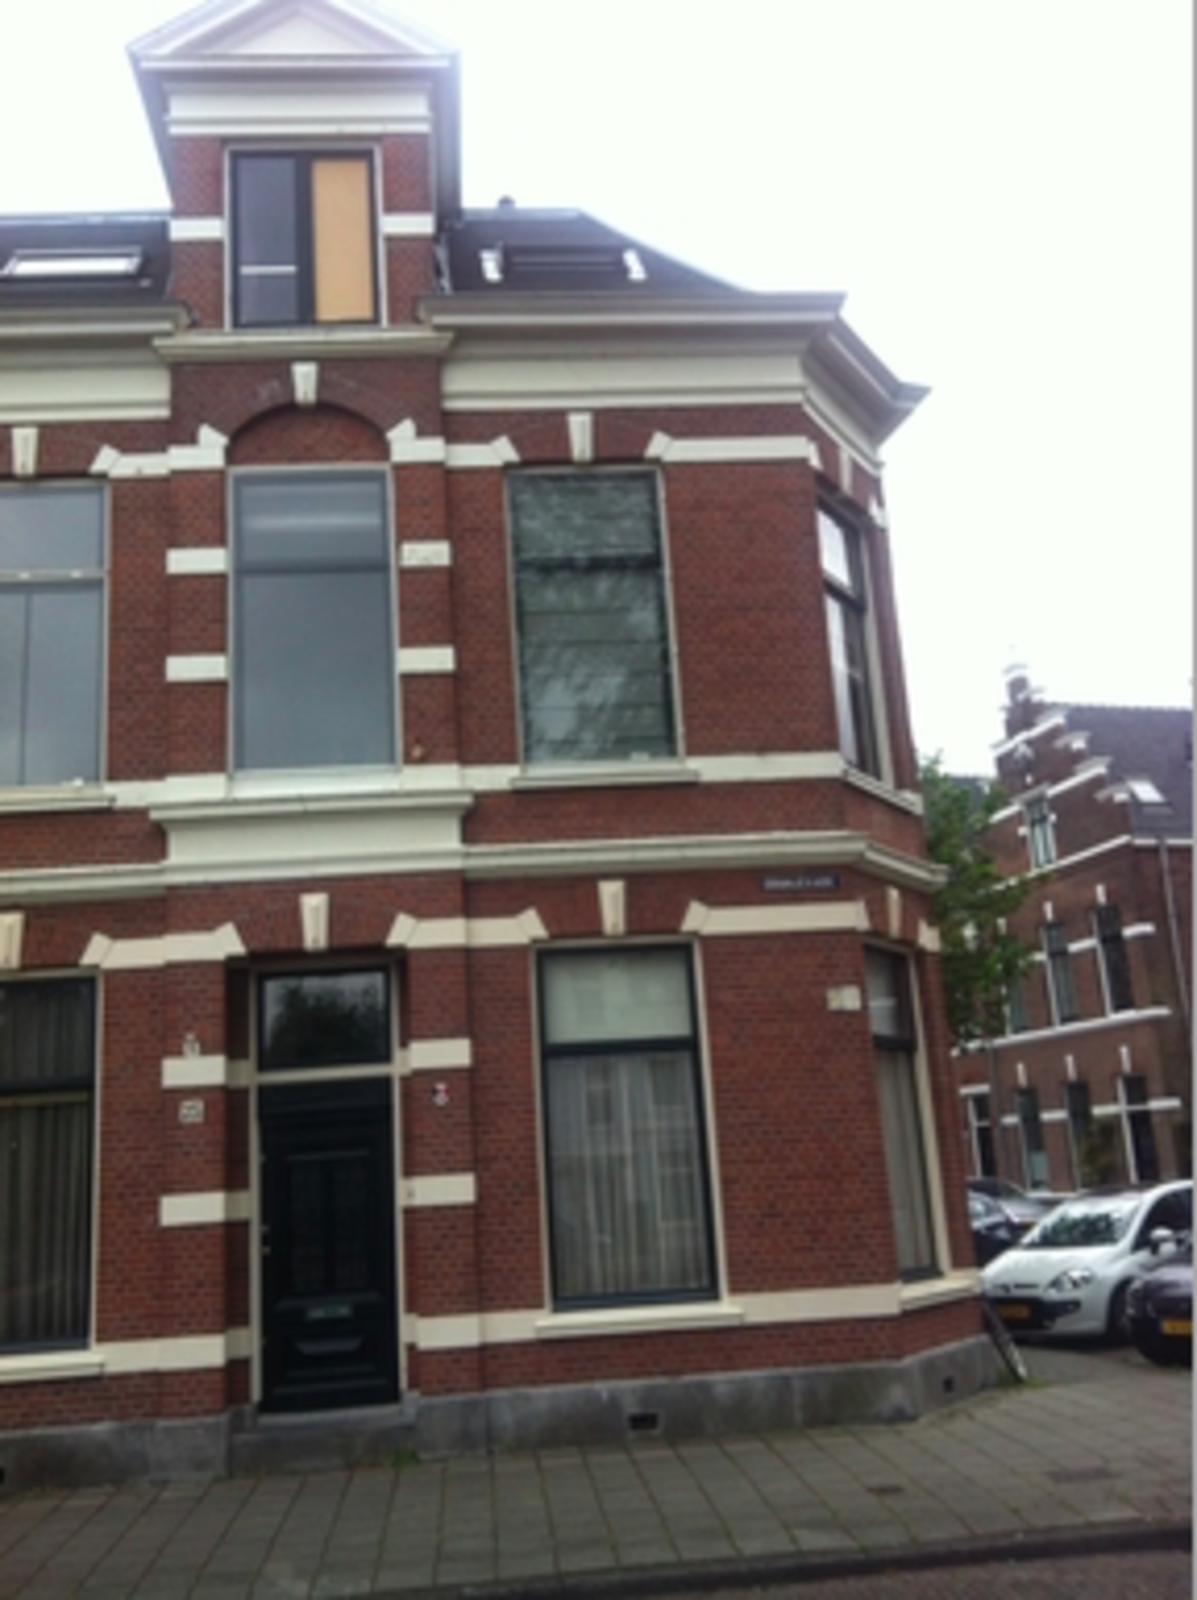 Alexanderstraat 15, Haarlem